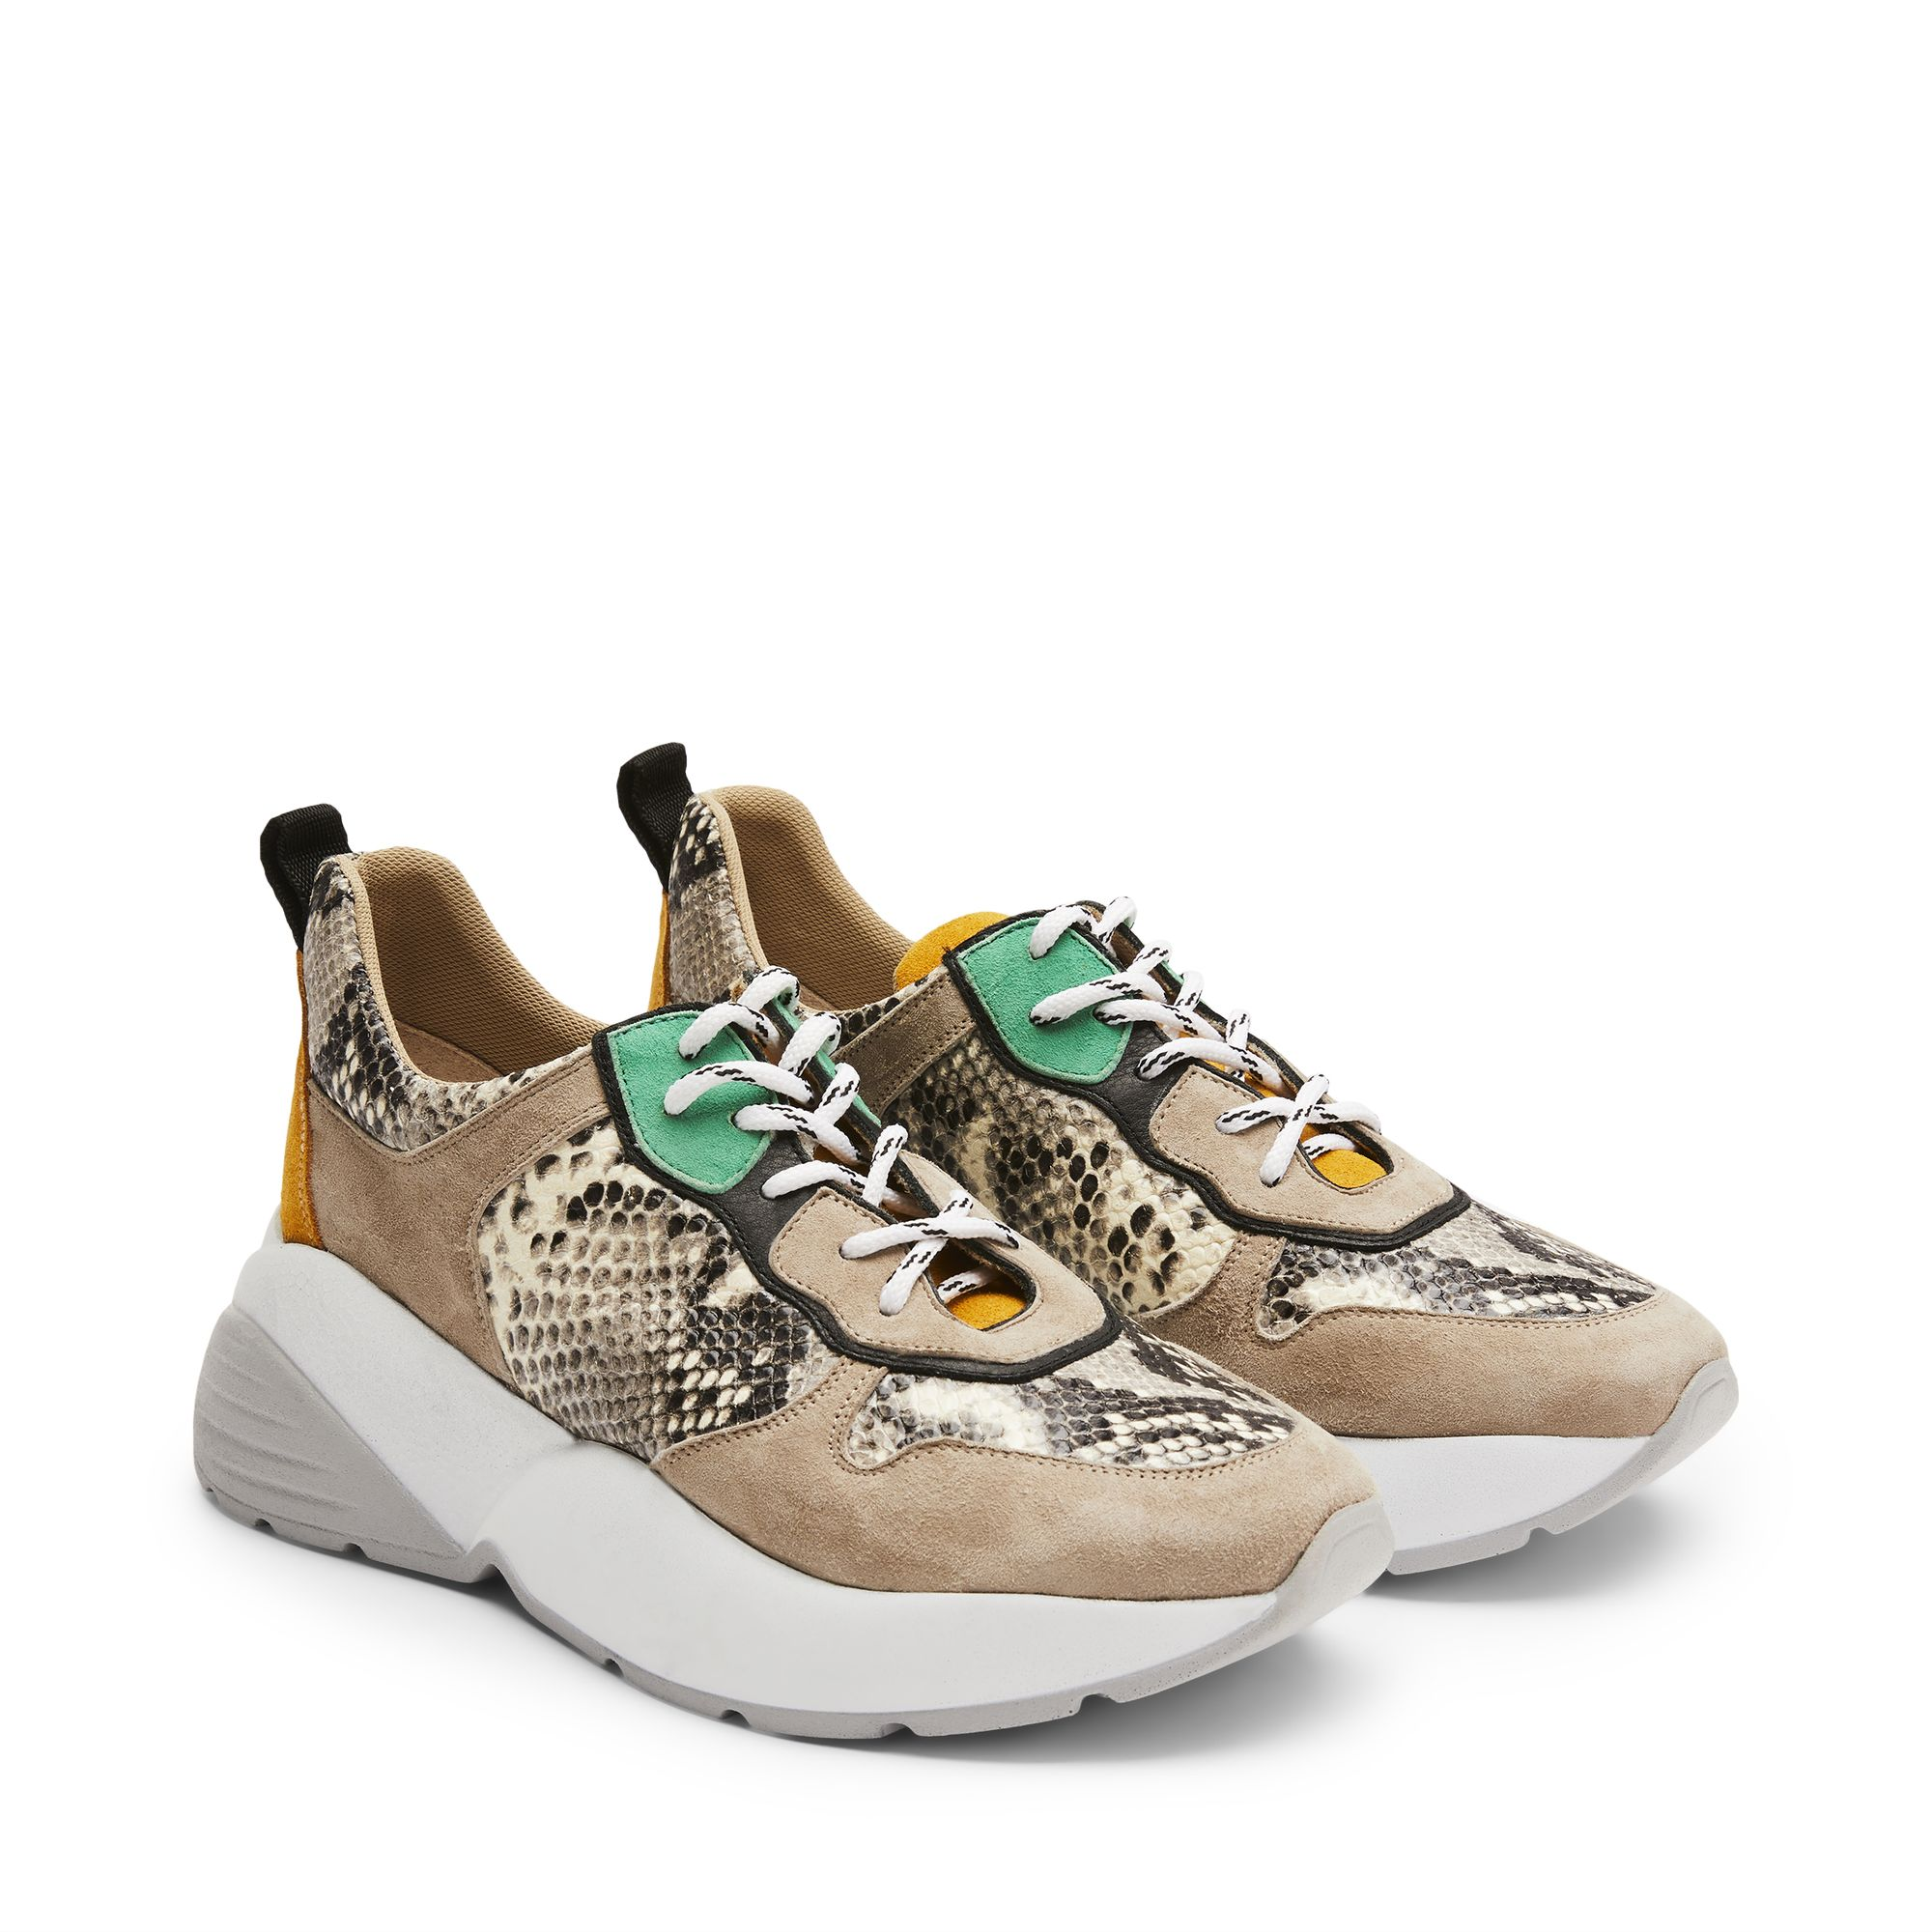 a79cff3c20b Rizzo Adela chunky sneakers i skinn/mocka, Snake, 41 | Damskor